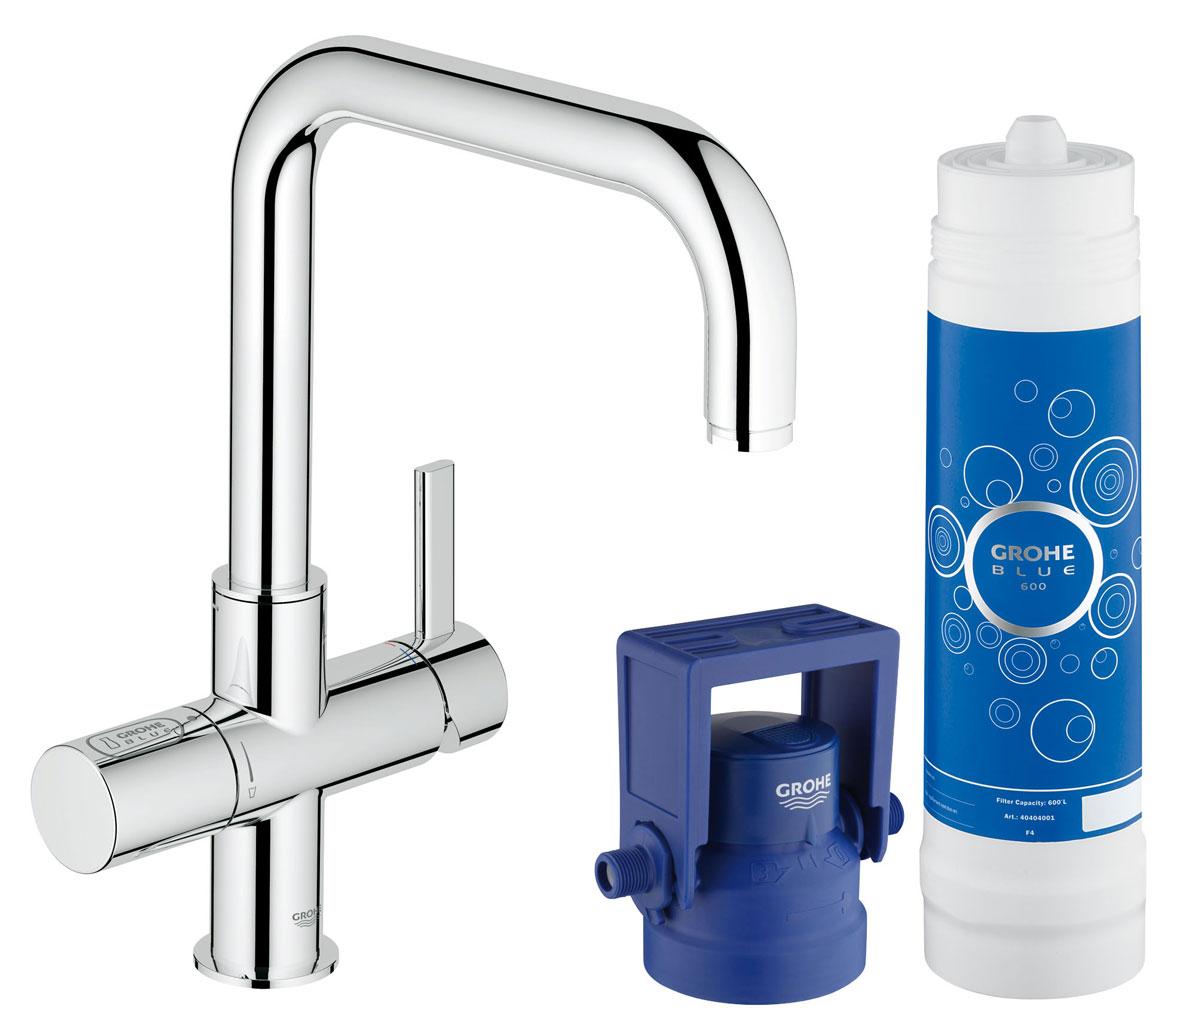 Комплект GROHE Blue 2-в-1: вентиль для фильтрованной воды и смеситель для кухни (фильтрация, U-излив) (31299001)BA900GROHE Blue Pure: кухонный смеситель, подающий свежую питьевую воду прямо из под крана, избавит от необходимости носить домой тяжелые бутыли с водой.Система фильтрации GROHE Blue Pure, которая активируется отдельным рычагом для подачи воды, очищает воду от нежелательных примесей, ухудшающих ее вкус и запах, включая хлор. Помимо впечатляющих функциональных возможностей данный смеситель для мойки также отличается эффектным внешним видом и способностью играть главную роль в интерьере кухни, причем износостойкое хромированное покрытие GROHE StarLight лишь подчеркивает его лаконичный дизайн. Высокий излив, вращающийся в радиусе 180°, позволяет с легкостью наполнять высокие емкости.Технология GROHE SilkMove обеспечивает плавность регулировки напора воды при минимуме усилий. Разумеется, в данном смесителе также предусмотрены все функции обычного кухонного смесителя. Избавьтесь от необходимости носить домой тяжелые бутыли с водой и наслаждайтесь чистым вкусом свежей питьевой воды.Особенности:Включает в себя:GROHE Blue Смеситель однорычажный для мойки с функцией очистки водопроводной водыМонтаж на одно отверстиеU-изливОтдельная рукоятка для фильтрованной водыКерамический вентиль 1/2GROHE SilkMove керамический картридж 35 ммРегулировка расхода водыGROHE StarLight хромированная поверхность Поворотный трубкообразный изливПоворот излива на 180°Отдельные водотоки для питьевой и водопроводной воды Гибкая подводкаТип защиты IP 21Одобрено в СE Для LED индикатора расхода фильтра используется сетевое напряжение 100-240 В AC 50/60 Гц, которое преобразуется в безопасное сверхнизкое напряжение 6 В DC GROHE Blue фильтр на 600 лGROHE Blue регулируемая головка фильтра Класс шума I по DIN 4109